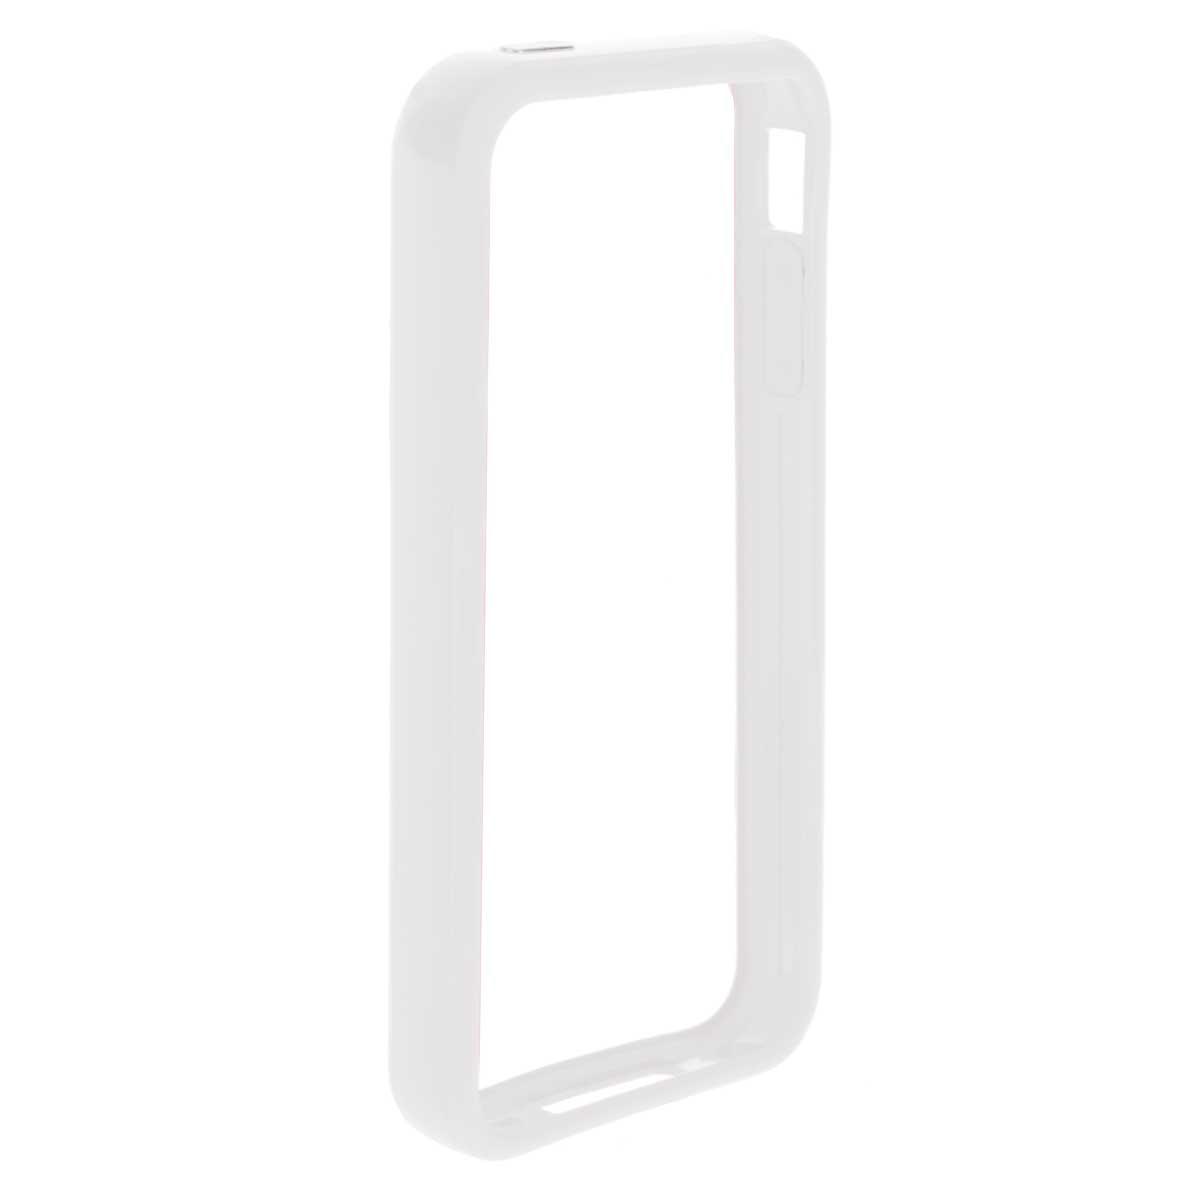 Deppa Bumper чехол-бампер для iPhone 4/4S, White63106Чехол-бампер Deppa Bumper для iPhone 4/4S предназначен для защиты корпуса смартфона от механических повреждений и царапин в процессе эксплуатации. Имеется свободный доступ ко всем разъемам и кнопкам устройства.